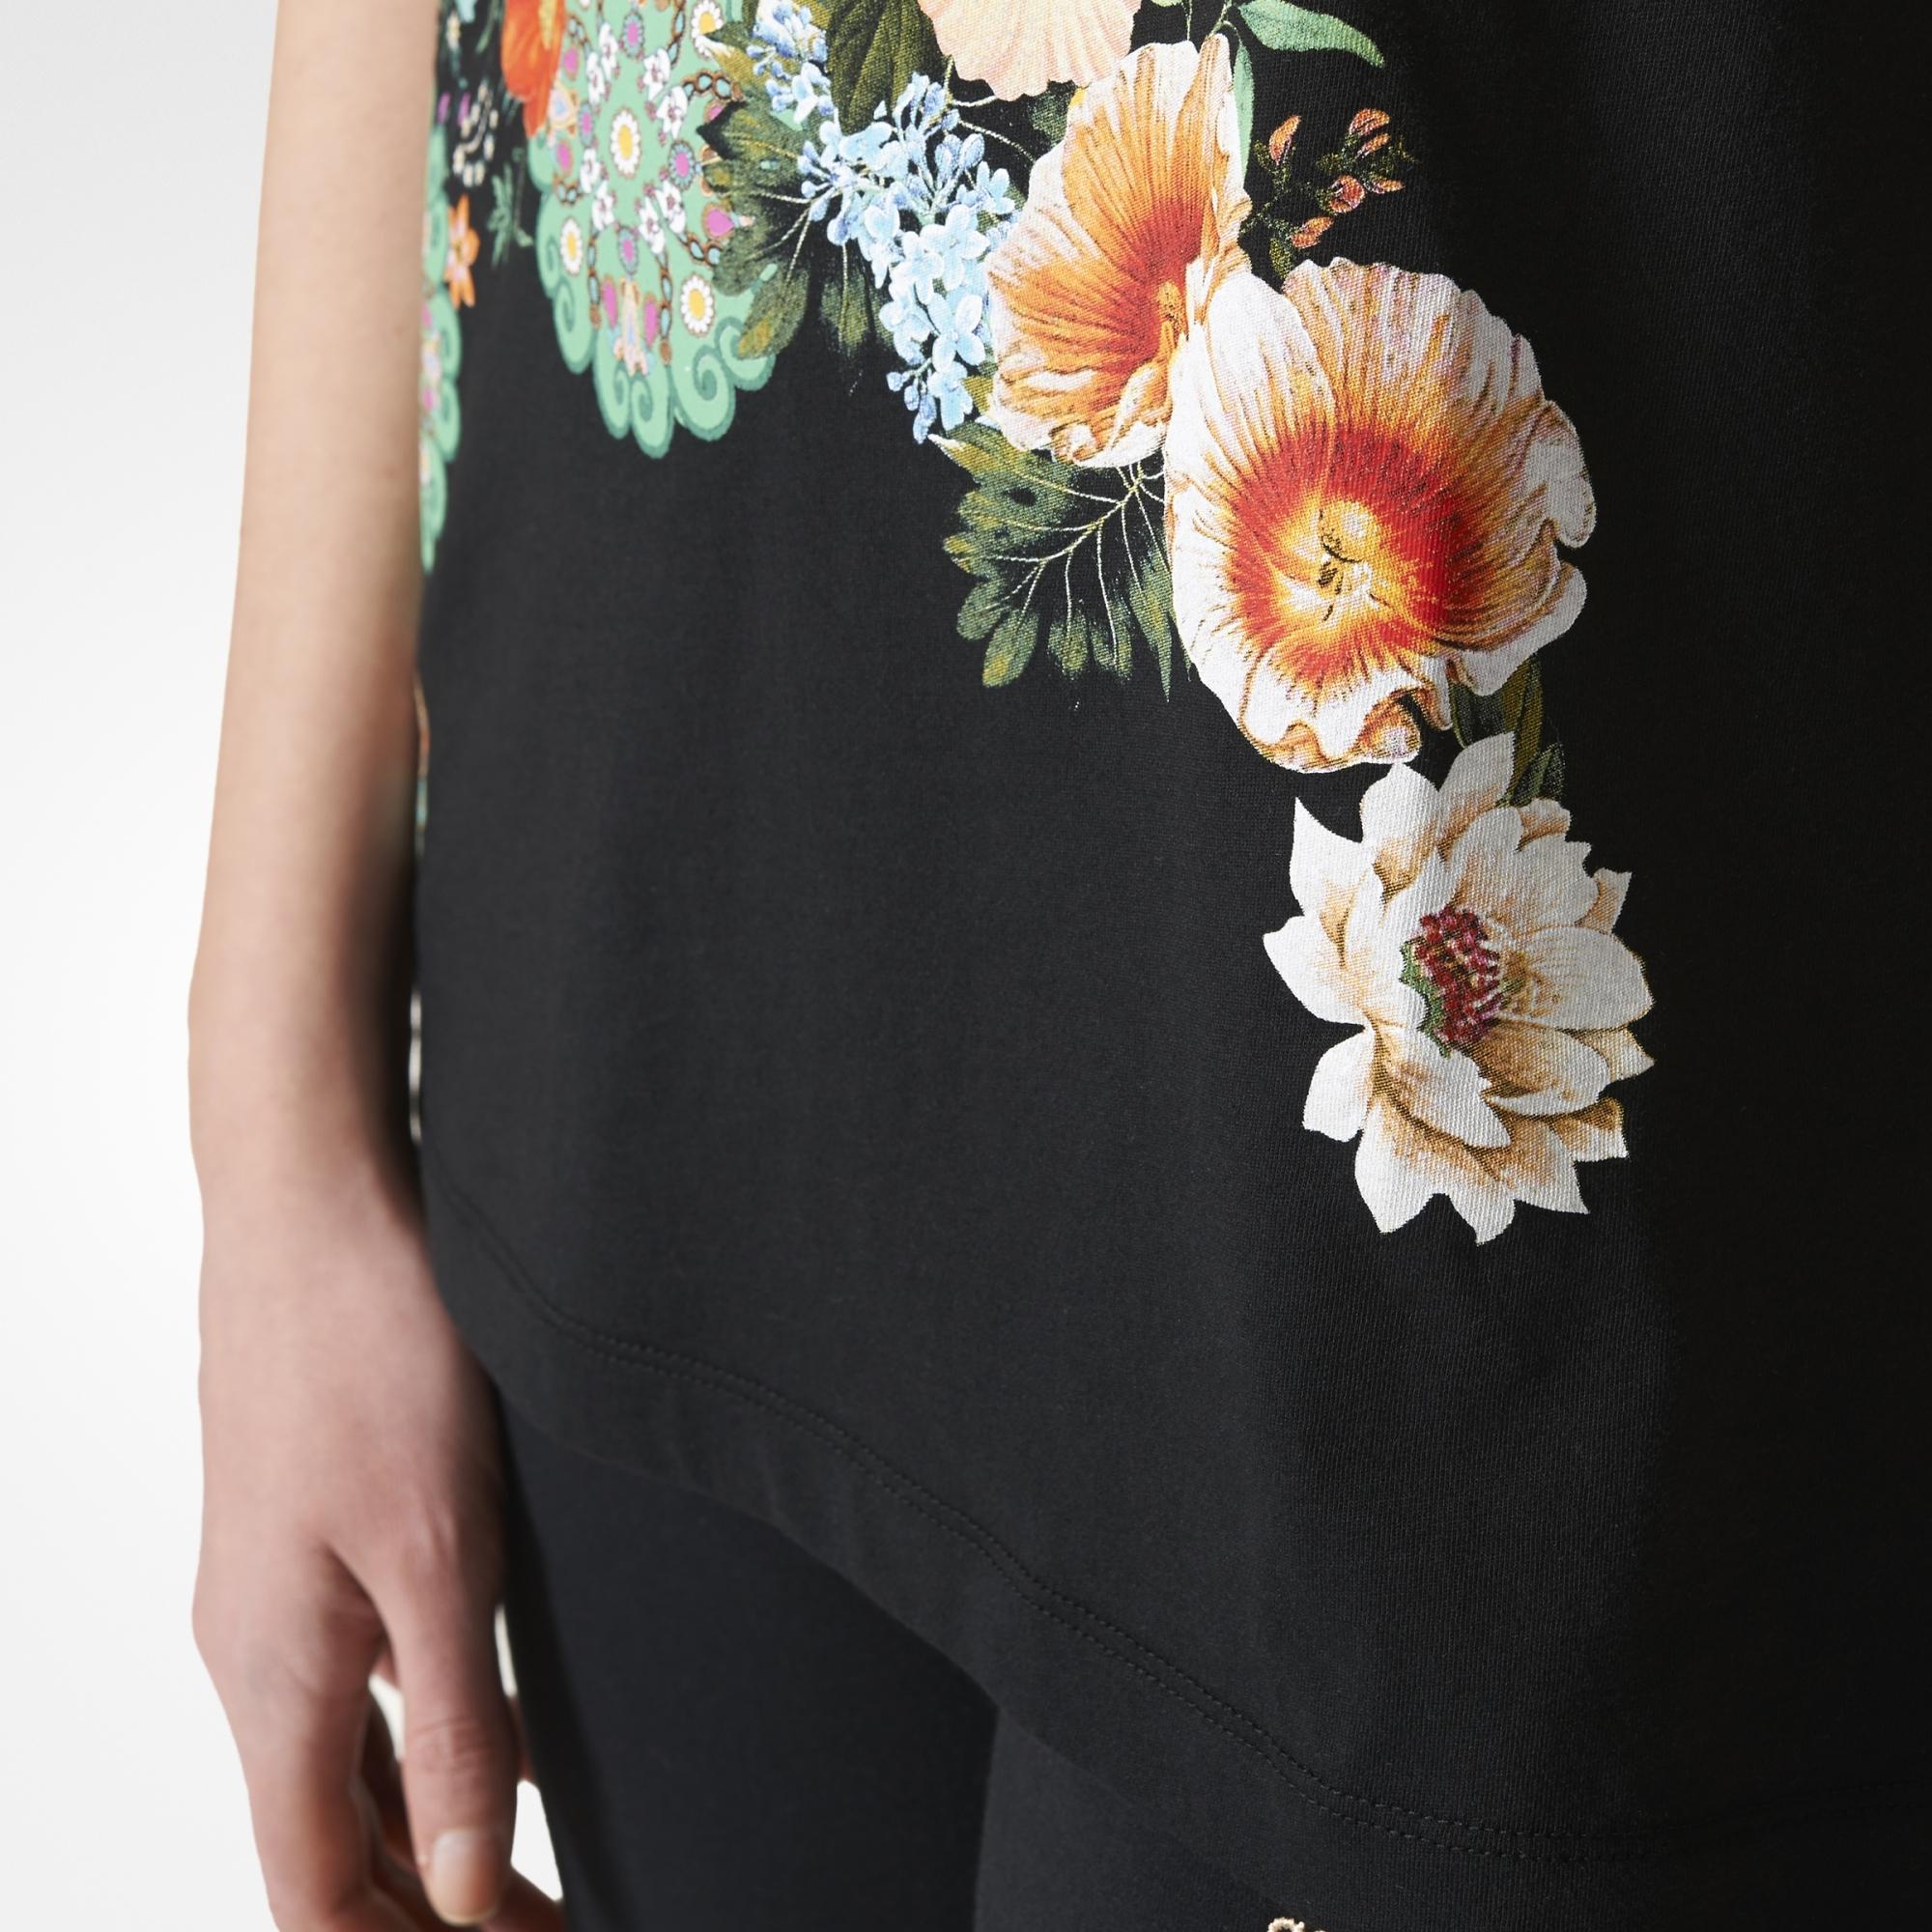 e1a3aa8901b5 ... koszulka adidas Jardim Agharta Tee BR5173 ...